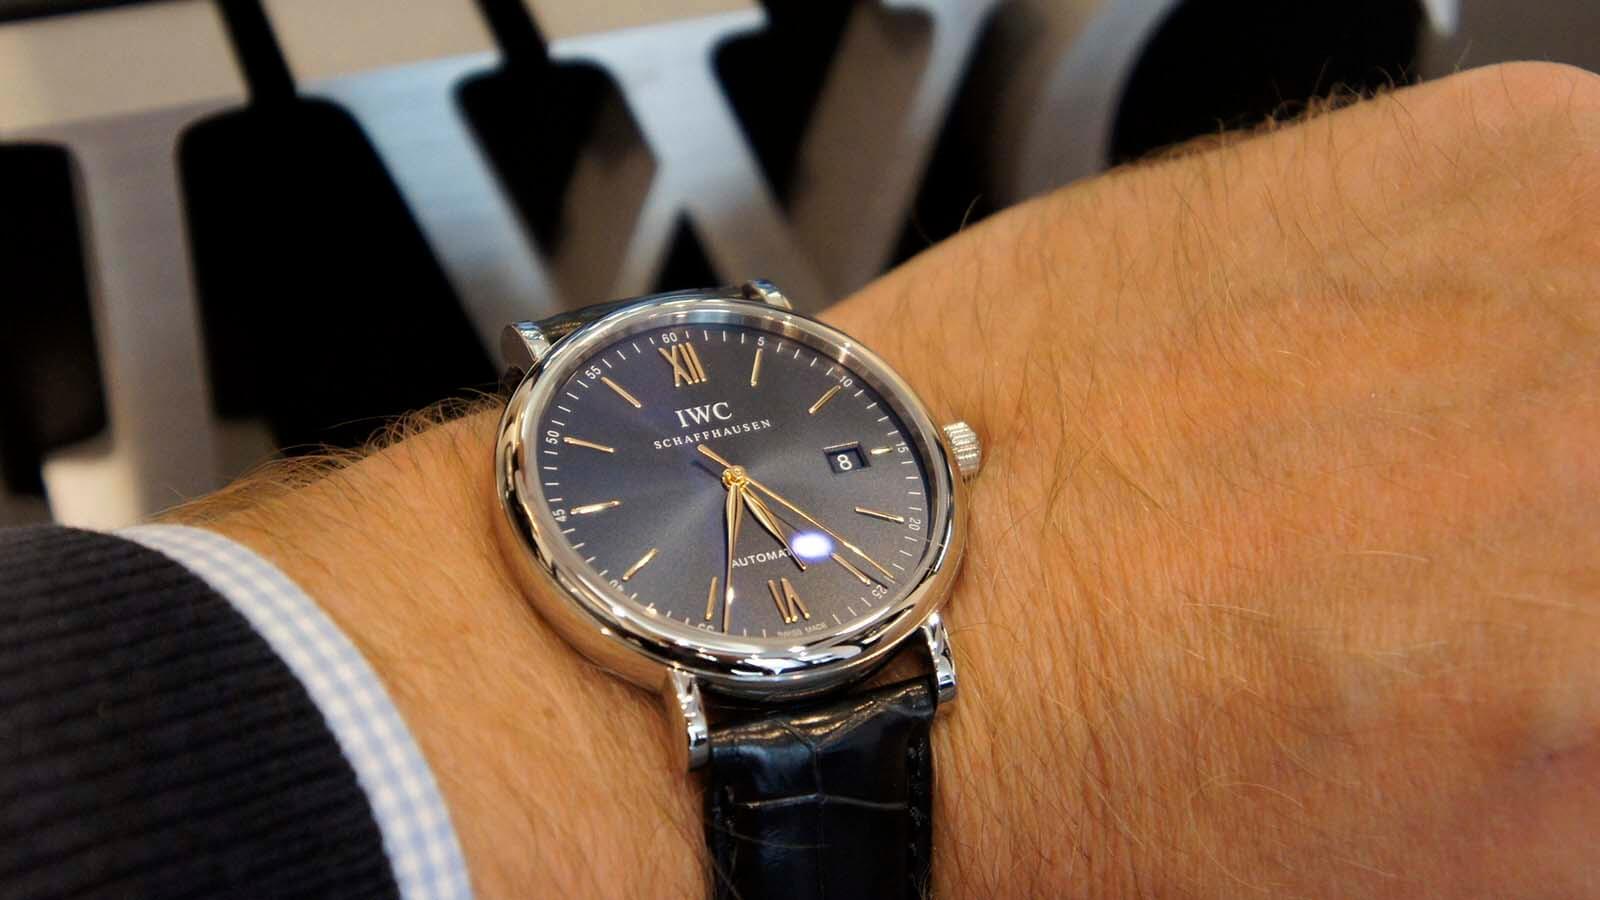 Edelstahl Variante der Uhren Models Portofino Automatic 40 mm von IWC Schaffhausen (RFZ. IW356523)